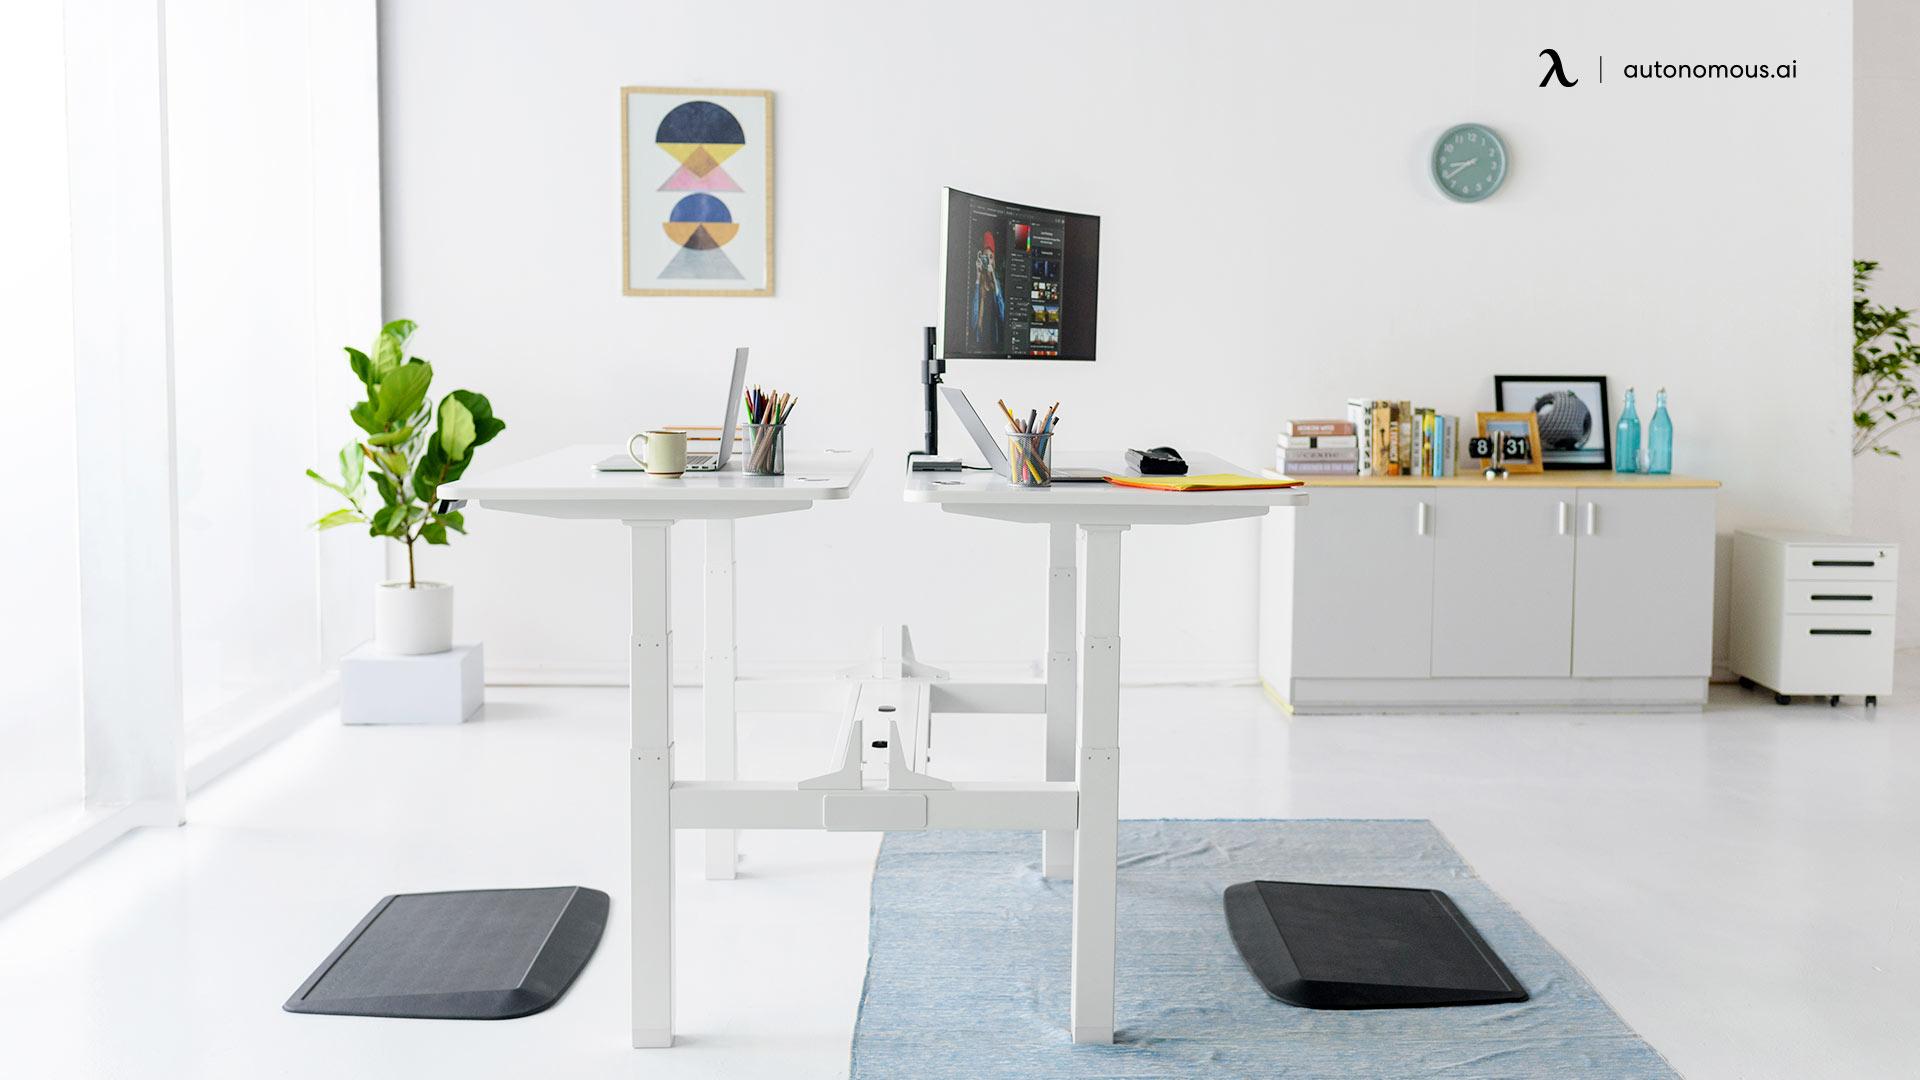 Autonomous Duo office desk set